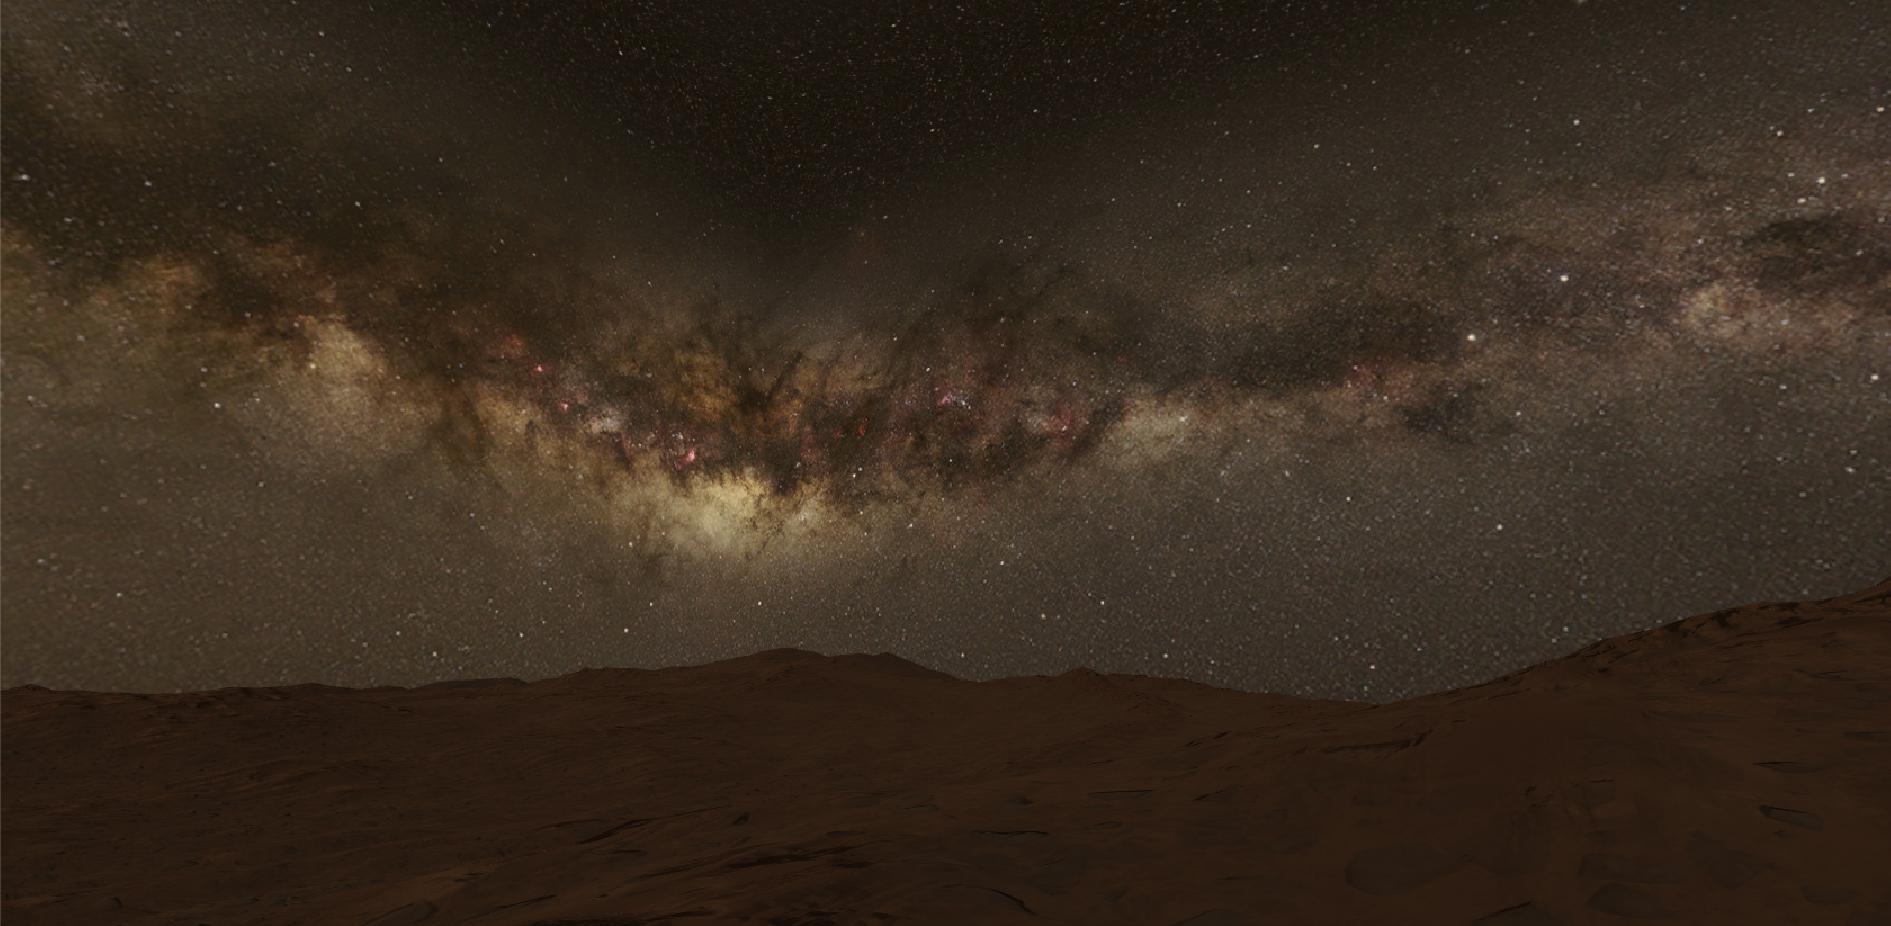 ExoMars_Night_Sky_Grab_01.jpg